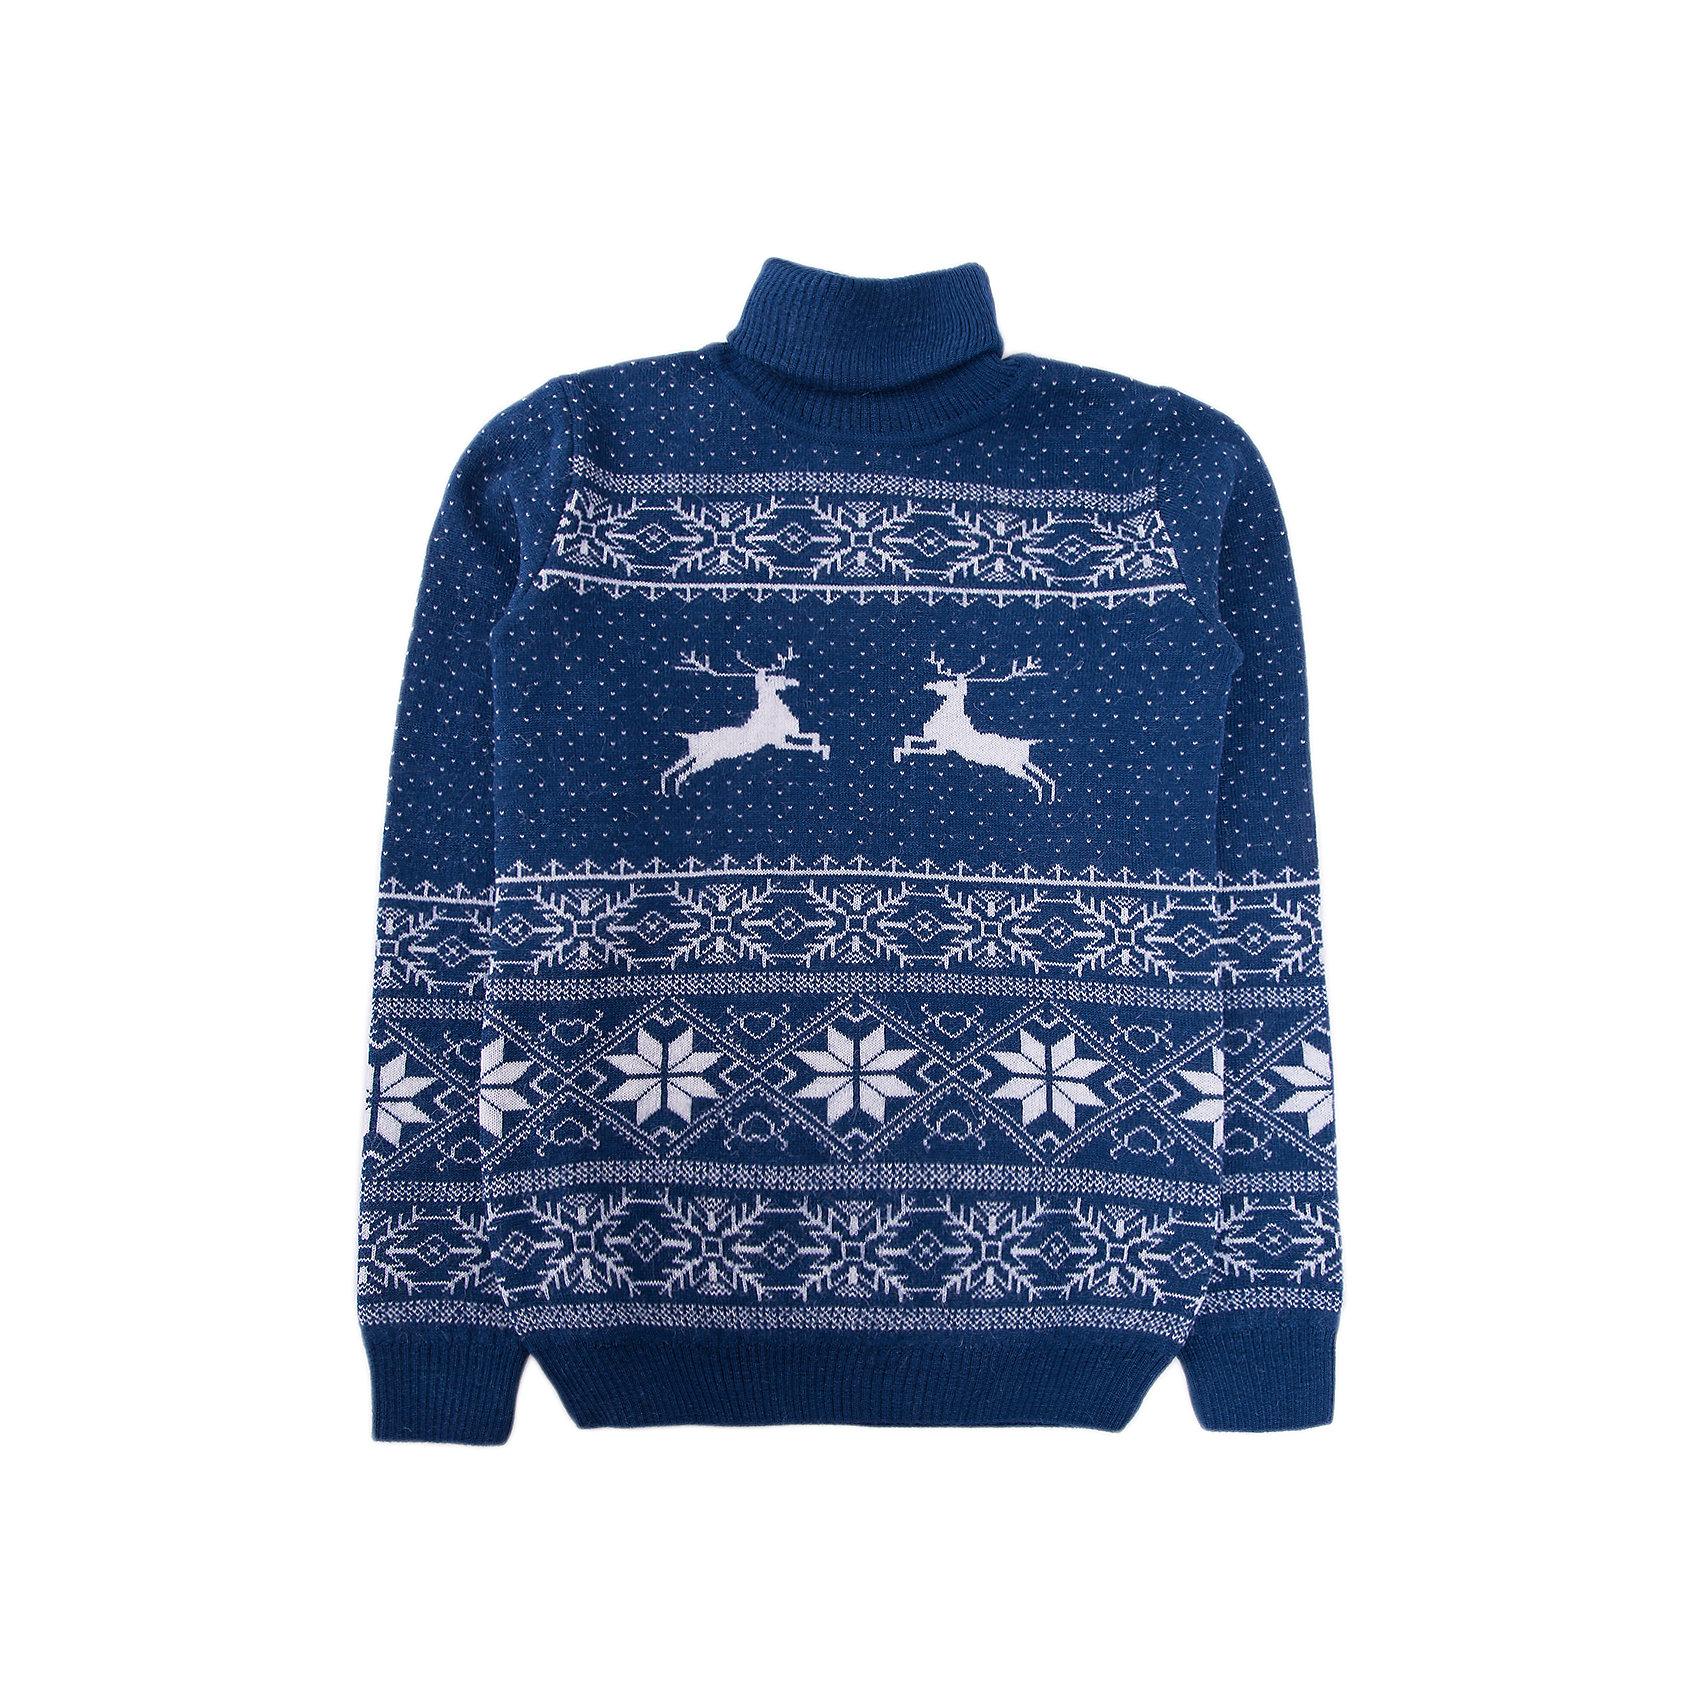 Свитер NorvegВодолазки<br>Свитер от известного бренда Norveg<br><br>Красивый свитер NORVEG Sweater Jaquard Wool  от немецкой компании Norveg (Норвег) - это удобная и красивая одежда, которая обеспечит комфортную терморегуляцию тела и на улице, и в помещении. <br>Она сделана из шерсти мериноса (австралийской тонкорунной овцы), которая обладает гипоаллергенными свойствами, поэтому не вызывает раздражения, даже если надета на голое тело.<br><br>Отличительные особенности модели:<br><br>- цвет: белый, синий;<br>- высокий ворот;<br>- анатомические трикотажные резинки внизу и на рукавах;<br>- орнамент с оленями;<br>- подходит и мальчикам, и девочкам;<br>- застежка-молния;<br>- карманы.<br><br>Дополнительная информация:<br><br>- Температурный режим: от - 20° С  до +5° С.<br><br>- Состав: 100% шерсть мериноса<br>Толстовку Norveg (Норвег) можно купить в нашем магазине.<br><br>Ширина мм: 190<br>Глубина мм: 74<br>Высота мм: 229<br>Вес г: 236<br>Цвет: синий<br>Возраст от месяцев: 36<br>Возраст до месяцев: 48<br>Пол: Унисекс<br>Возраст: Детский<br>Размер: 80/86,140/146,128/134,104/110,152/158,116,92<br>SKU: 4224497